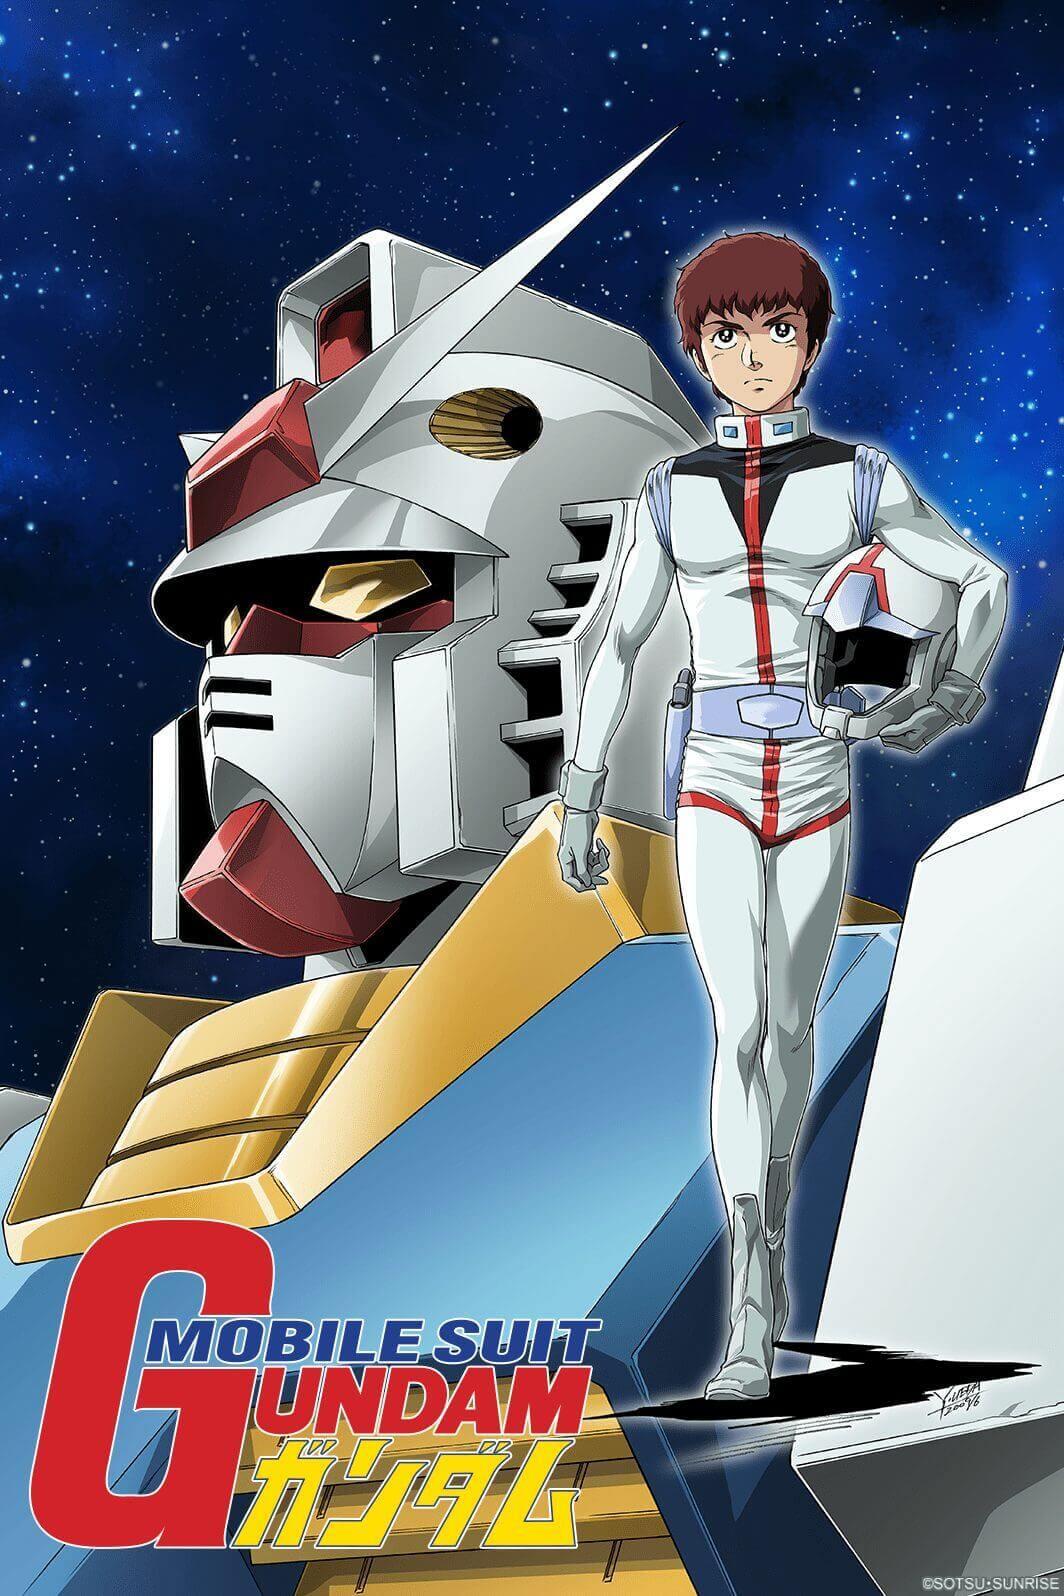 Crunchyroll adiciona Mobile Suit Gundam ao Catálogo!